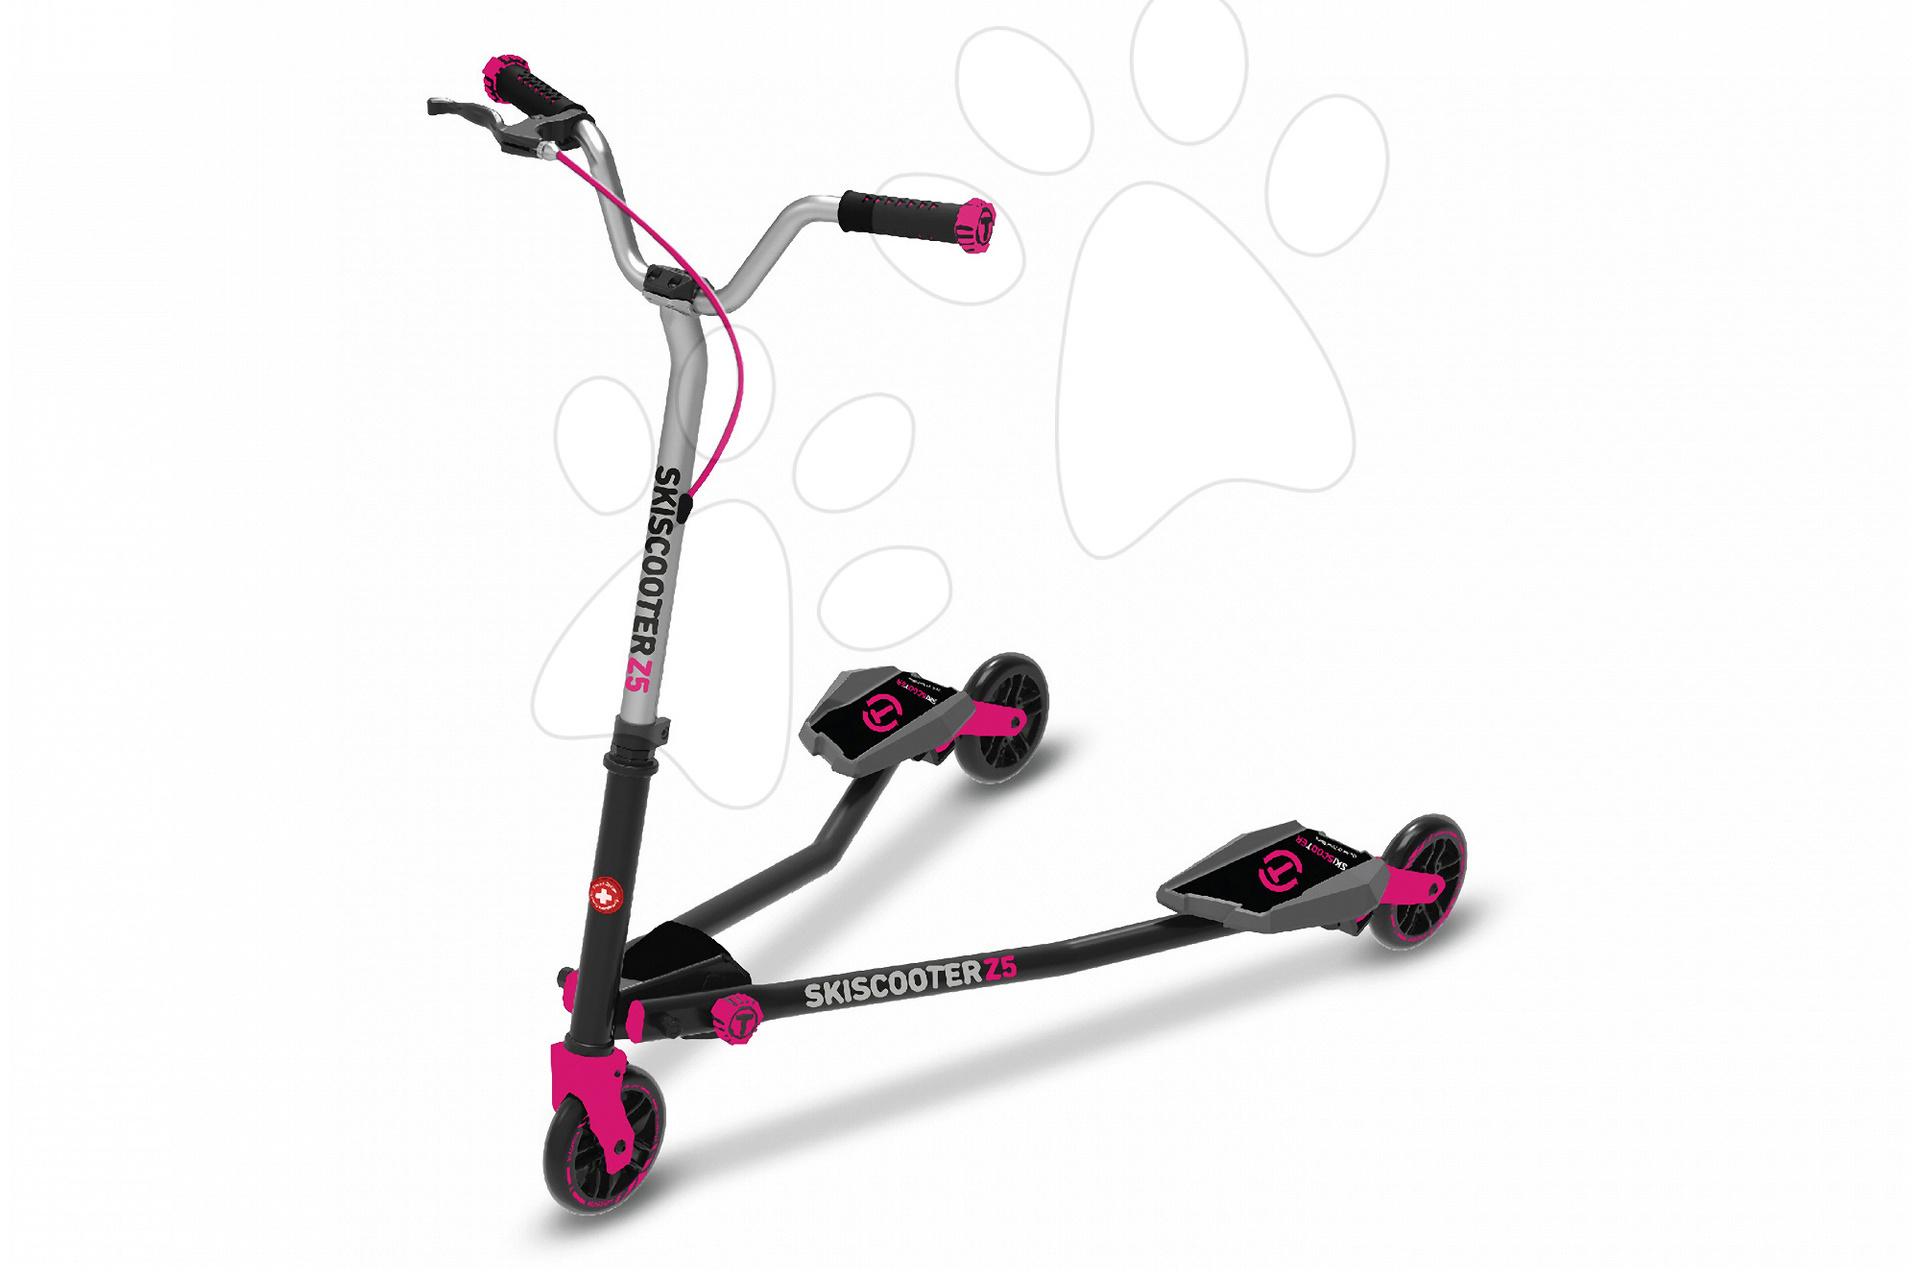 Roller SkiScooter síelés az úttesten smarTrike Z5 Purple rózsaszín-fekete 5 évtől